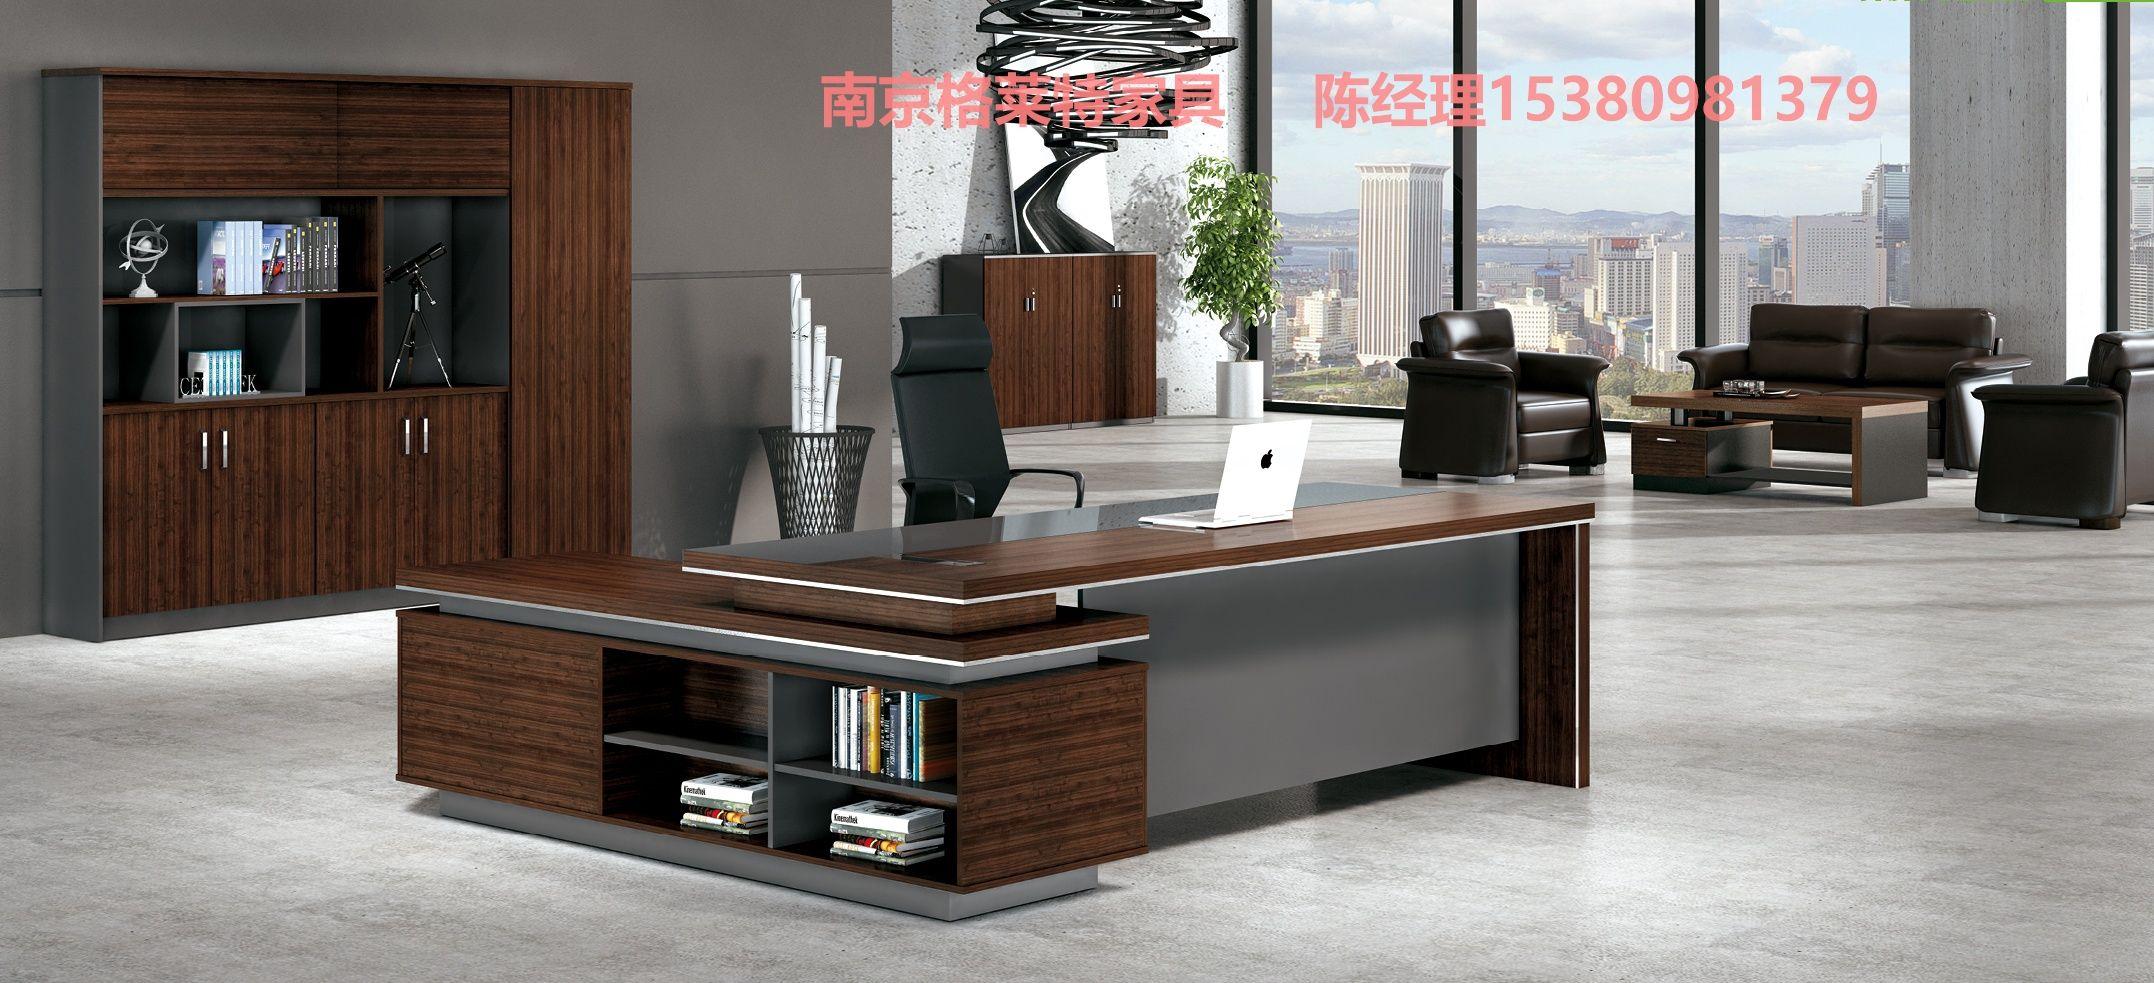 南京定制办公家具